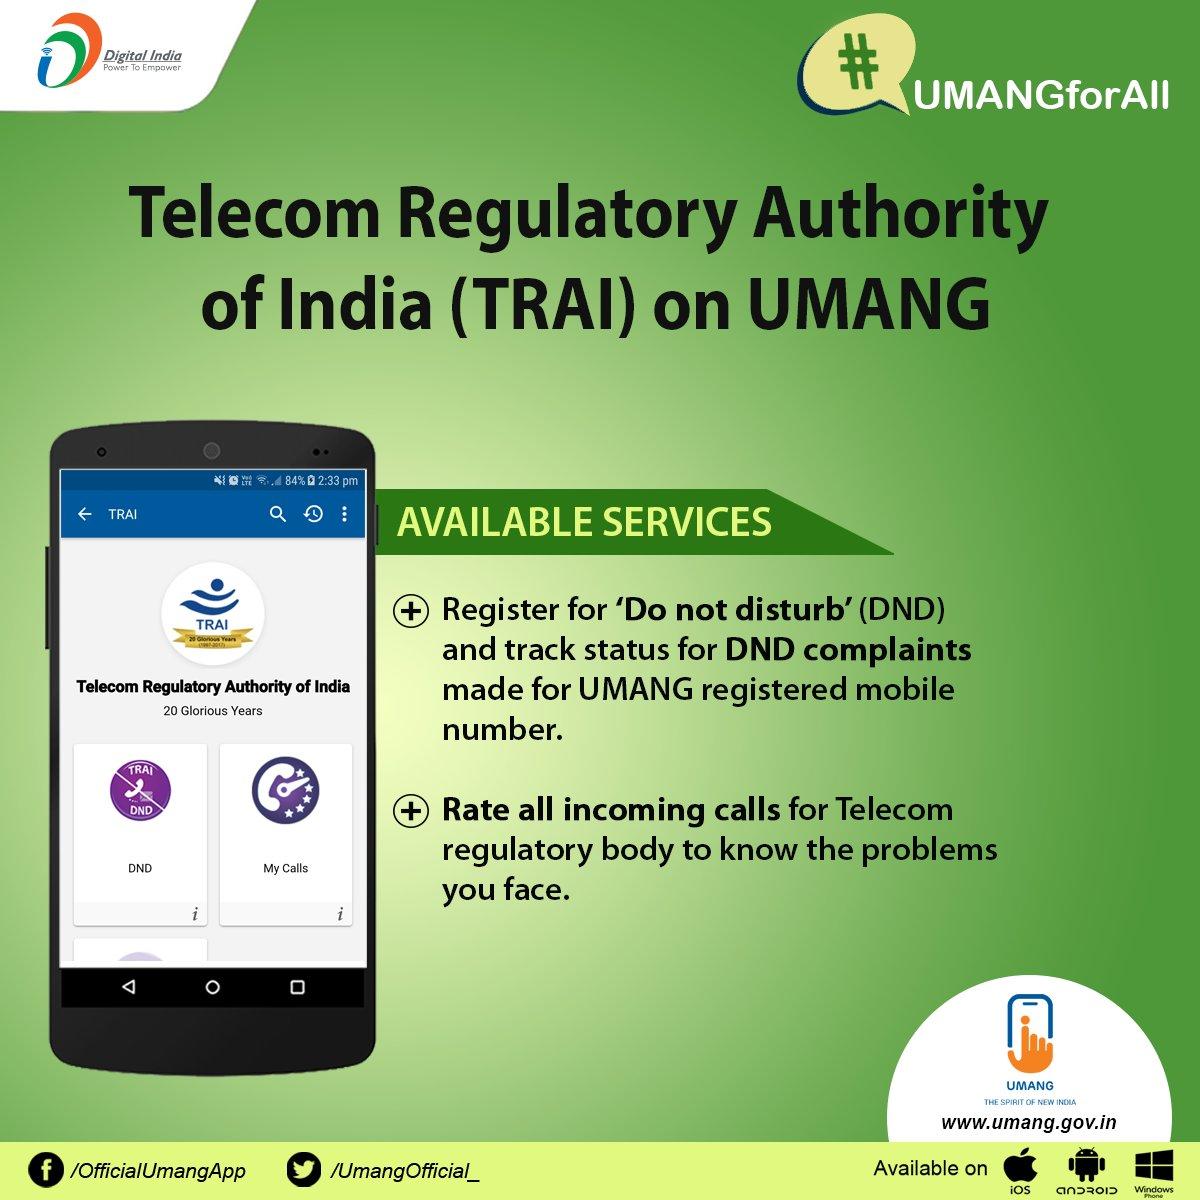 UMANG App India on Twitter: